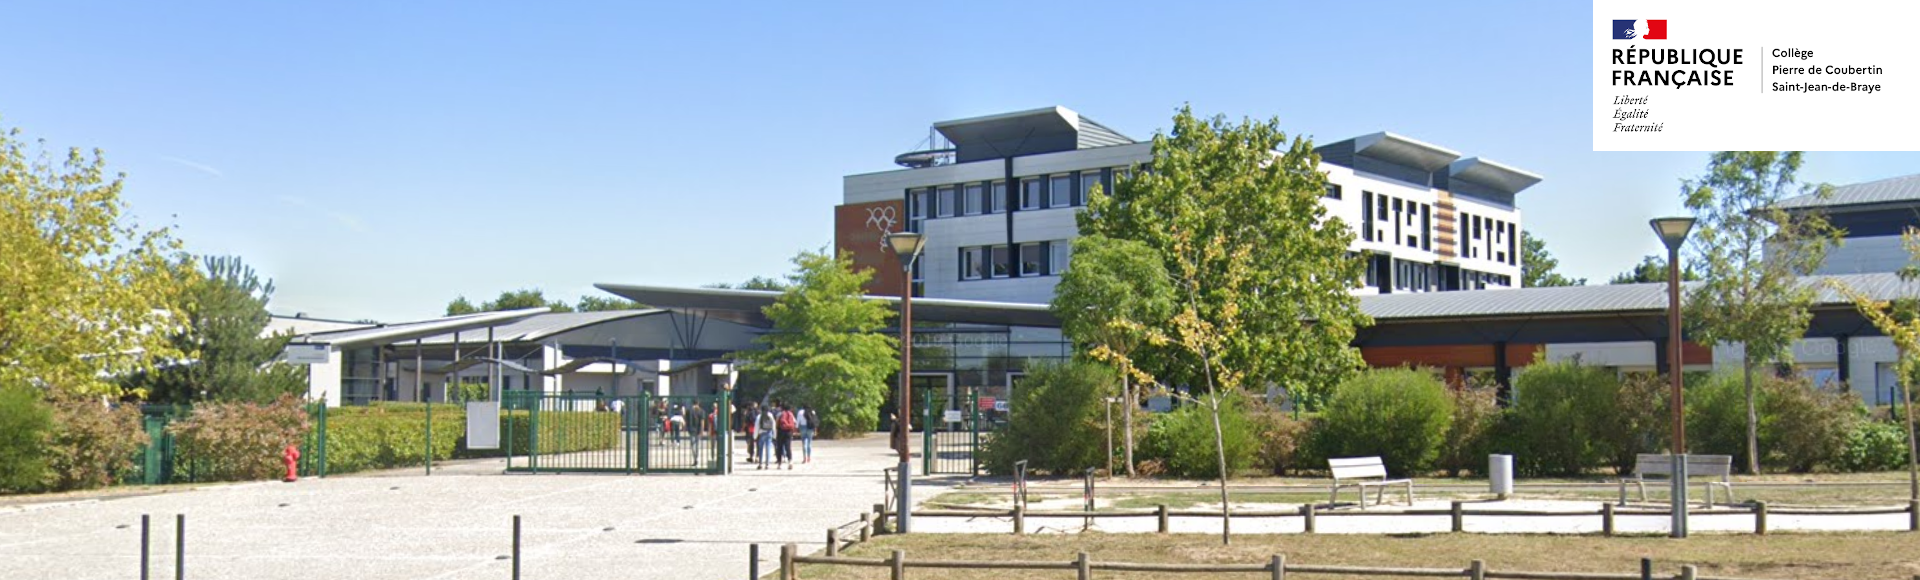 Collège Pierre de Coubertin